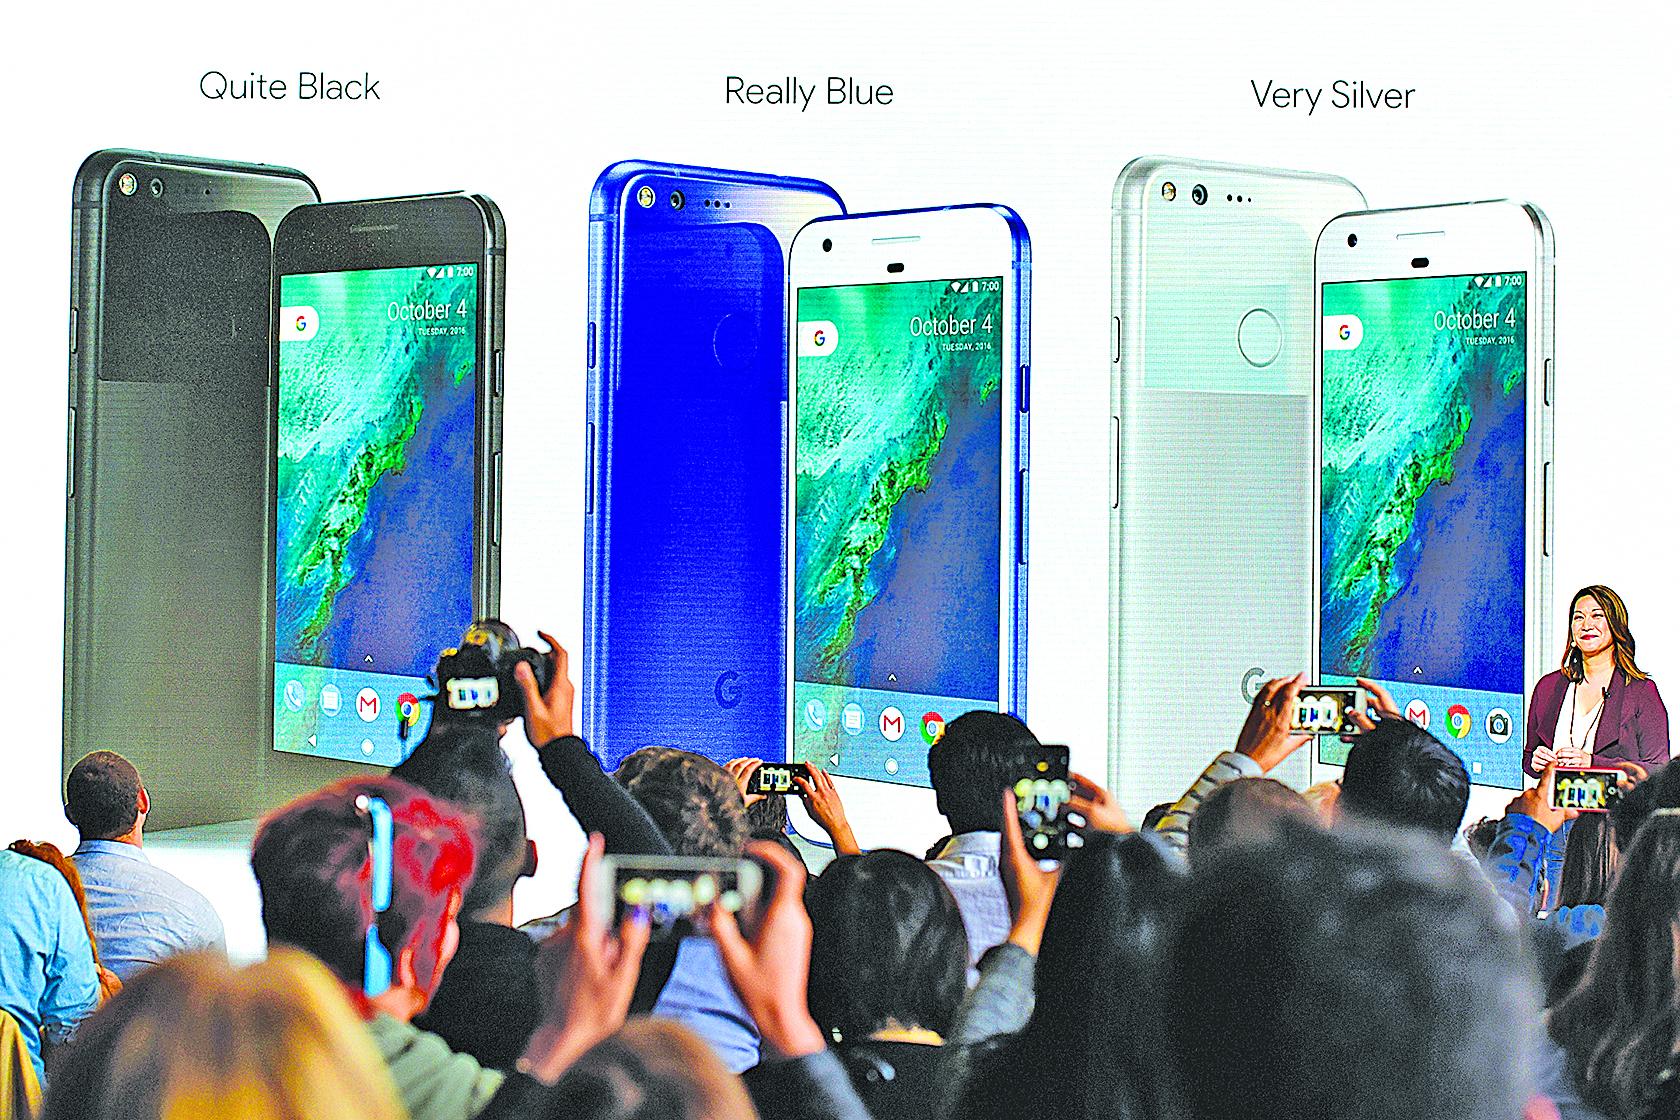 谷歌10月4日推出功能強大的智能手機Pixel,旨在挑戰蘋果iPhone的高端手機地位。圖為谷歌新品發佈會現場。(大紀元資料室)